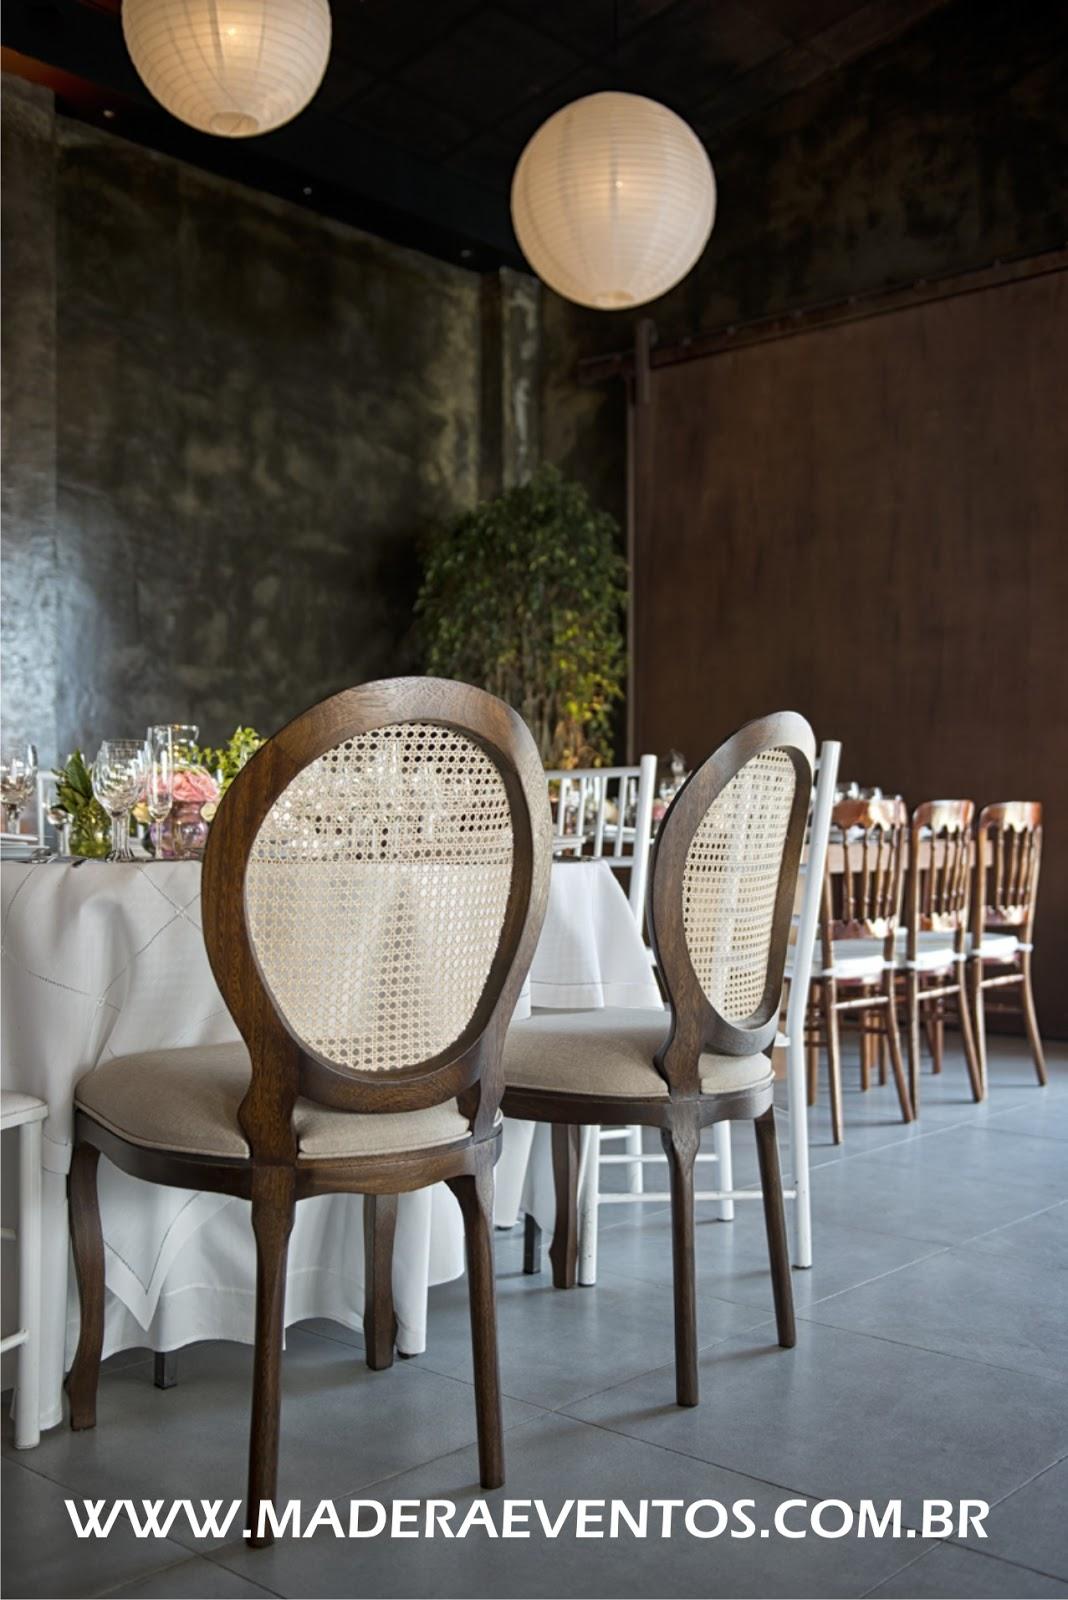 Cadeiras Medalhão Madeira com encosto em palha e assento em linho #826649 1068x1600